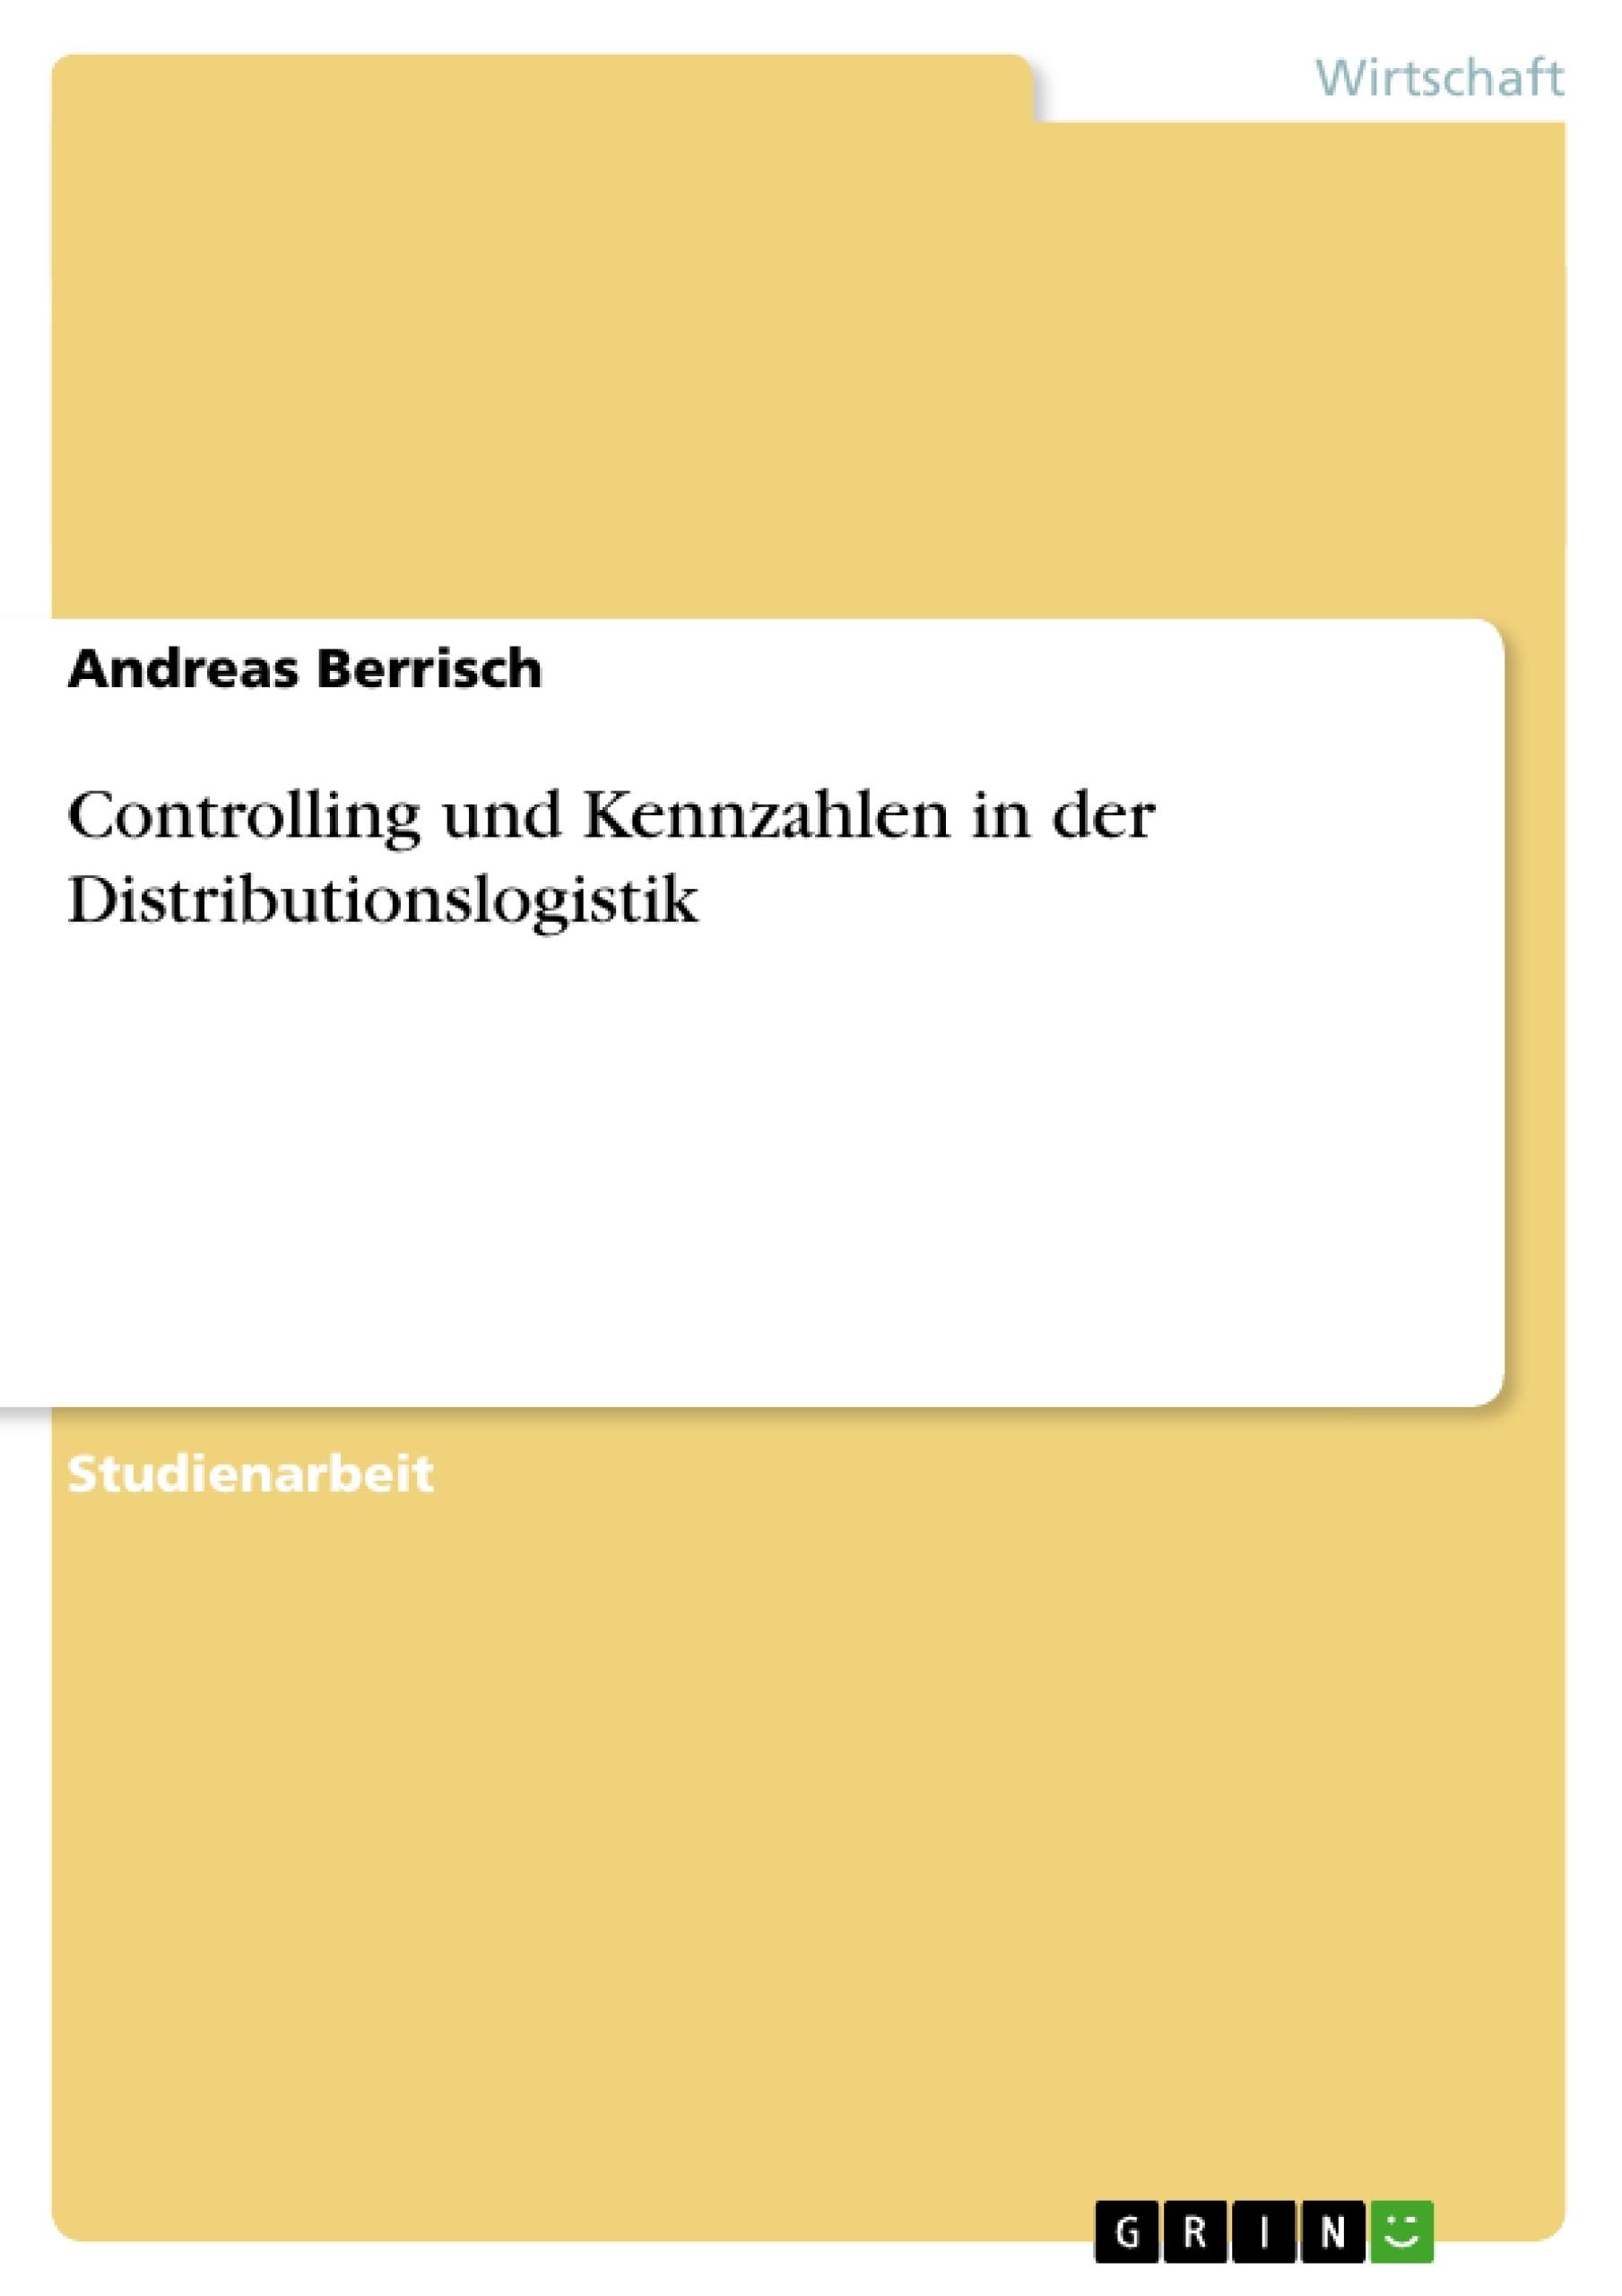 Titel: Controlling und Kennzahlen in der Distributionslogistik